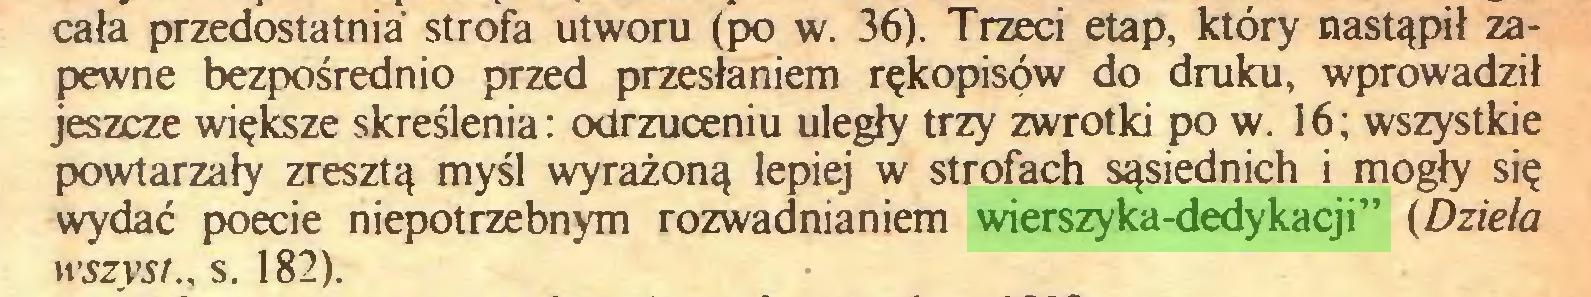 """(...) cała przedostatnia strofa utworu (po w. 36). Trzeci etap, który nastąpił zapewne bezpośrednio przed przesłaniem rękopisów do druku, wprowadził jeszcze większe skreślenia: odrzuceniu uległy trzy zwrotki po w. 16; wszystkie powtarzały zresztą myśl wyrażoną lepiej w strofach sąsiednich i mogły się wydać poecie niepotrzebnym rozwadnianiem wierszyka-dedykacji"""" (Dzieła wszyst., s. 182)..."""